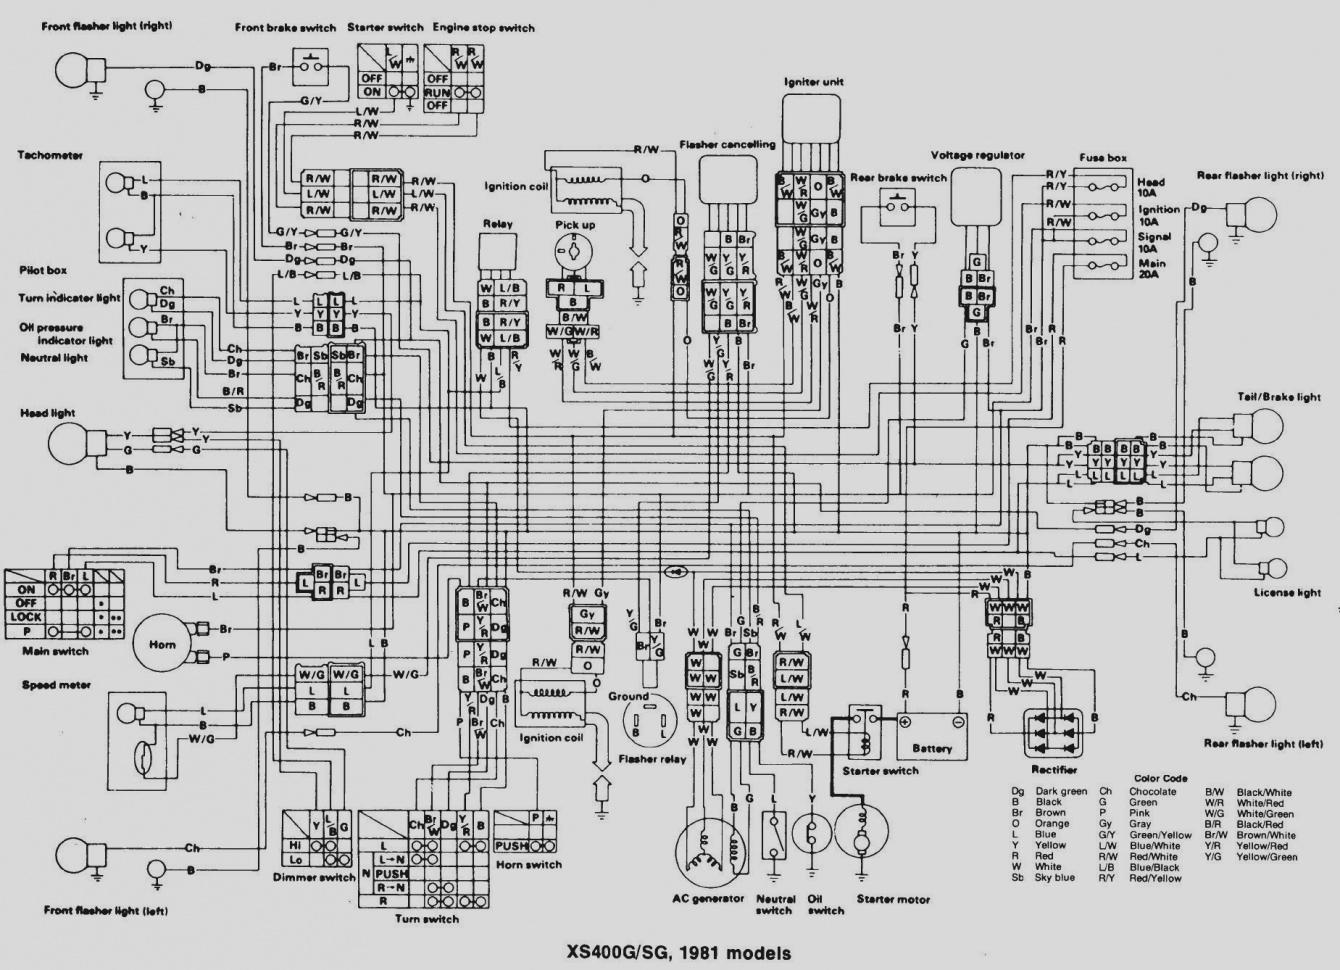 1998 Yamaha Blaster Wiring Diagram - Schematics Online on